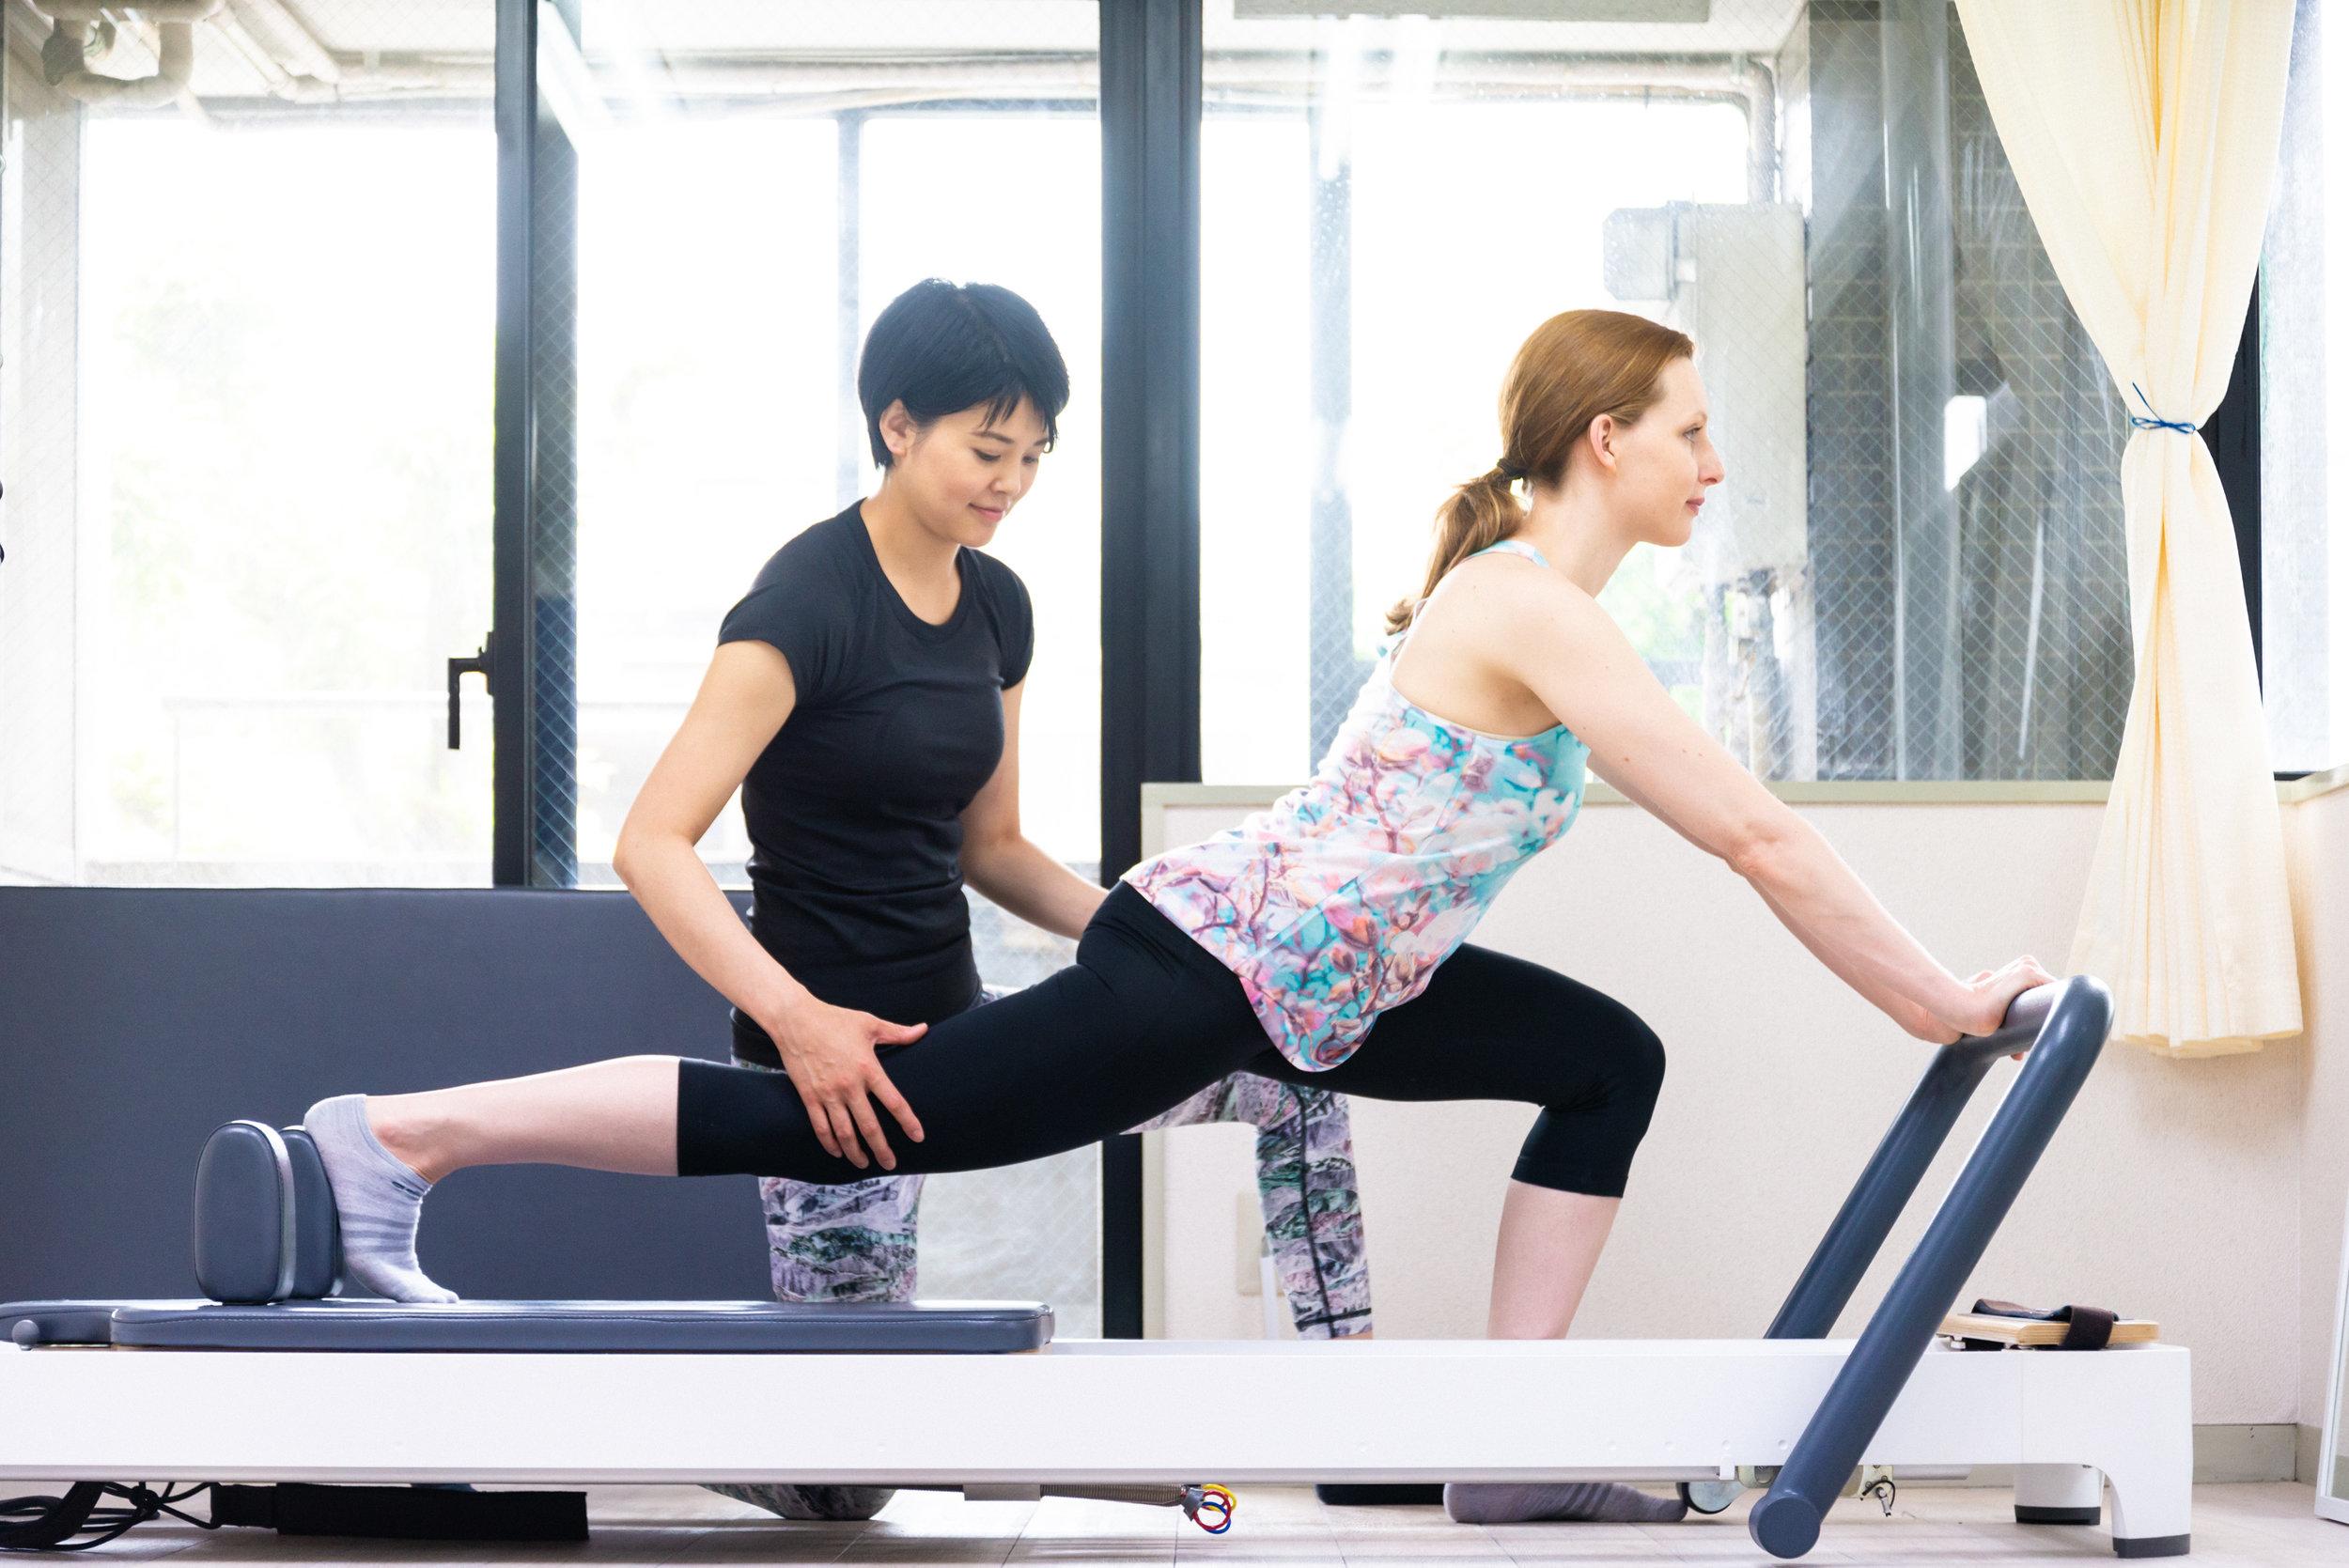 トレーニング体験 - カウンセリング、身体評価をもとにあなたに最適のトレーニングプログラムを体験していただきます。実際動いていく中で、動きのくせやバランスなどに気づき、ご自身の今の身体の状態を知ることができます。食事のアドバイスや家でもできる運動も提案致します。